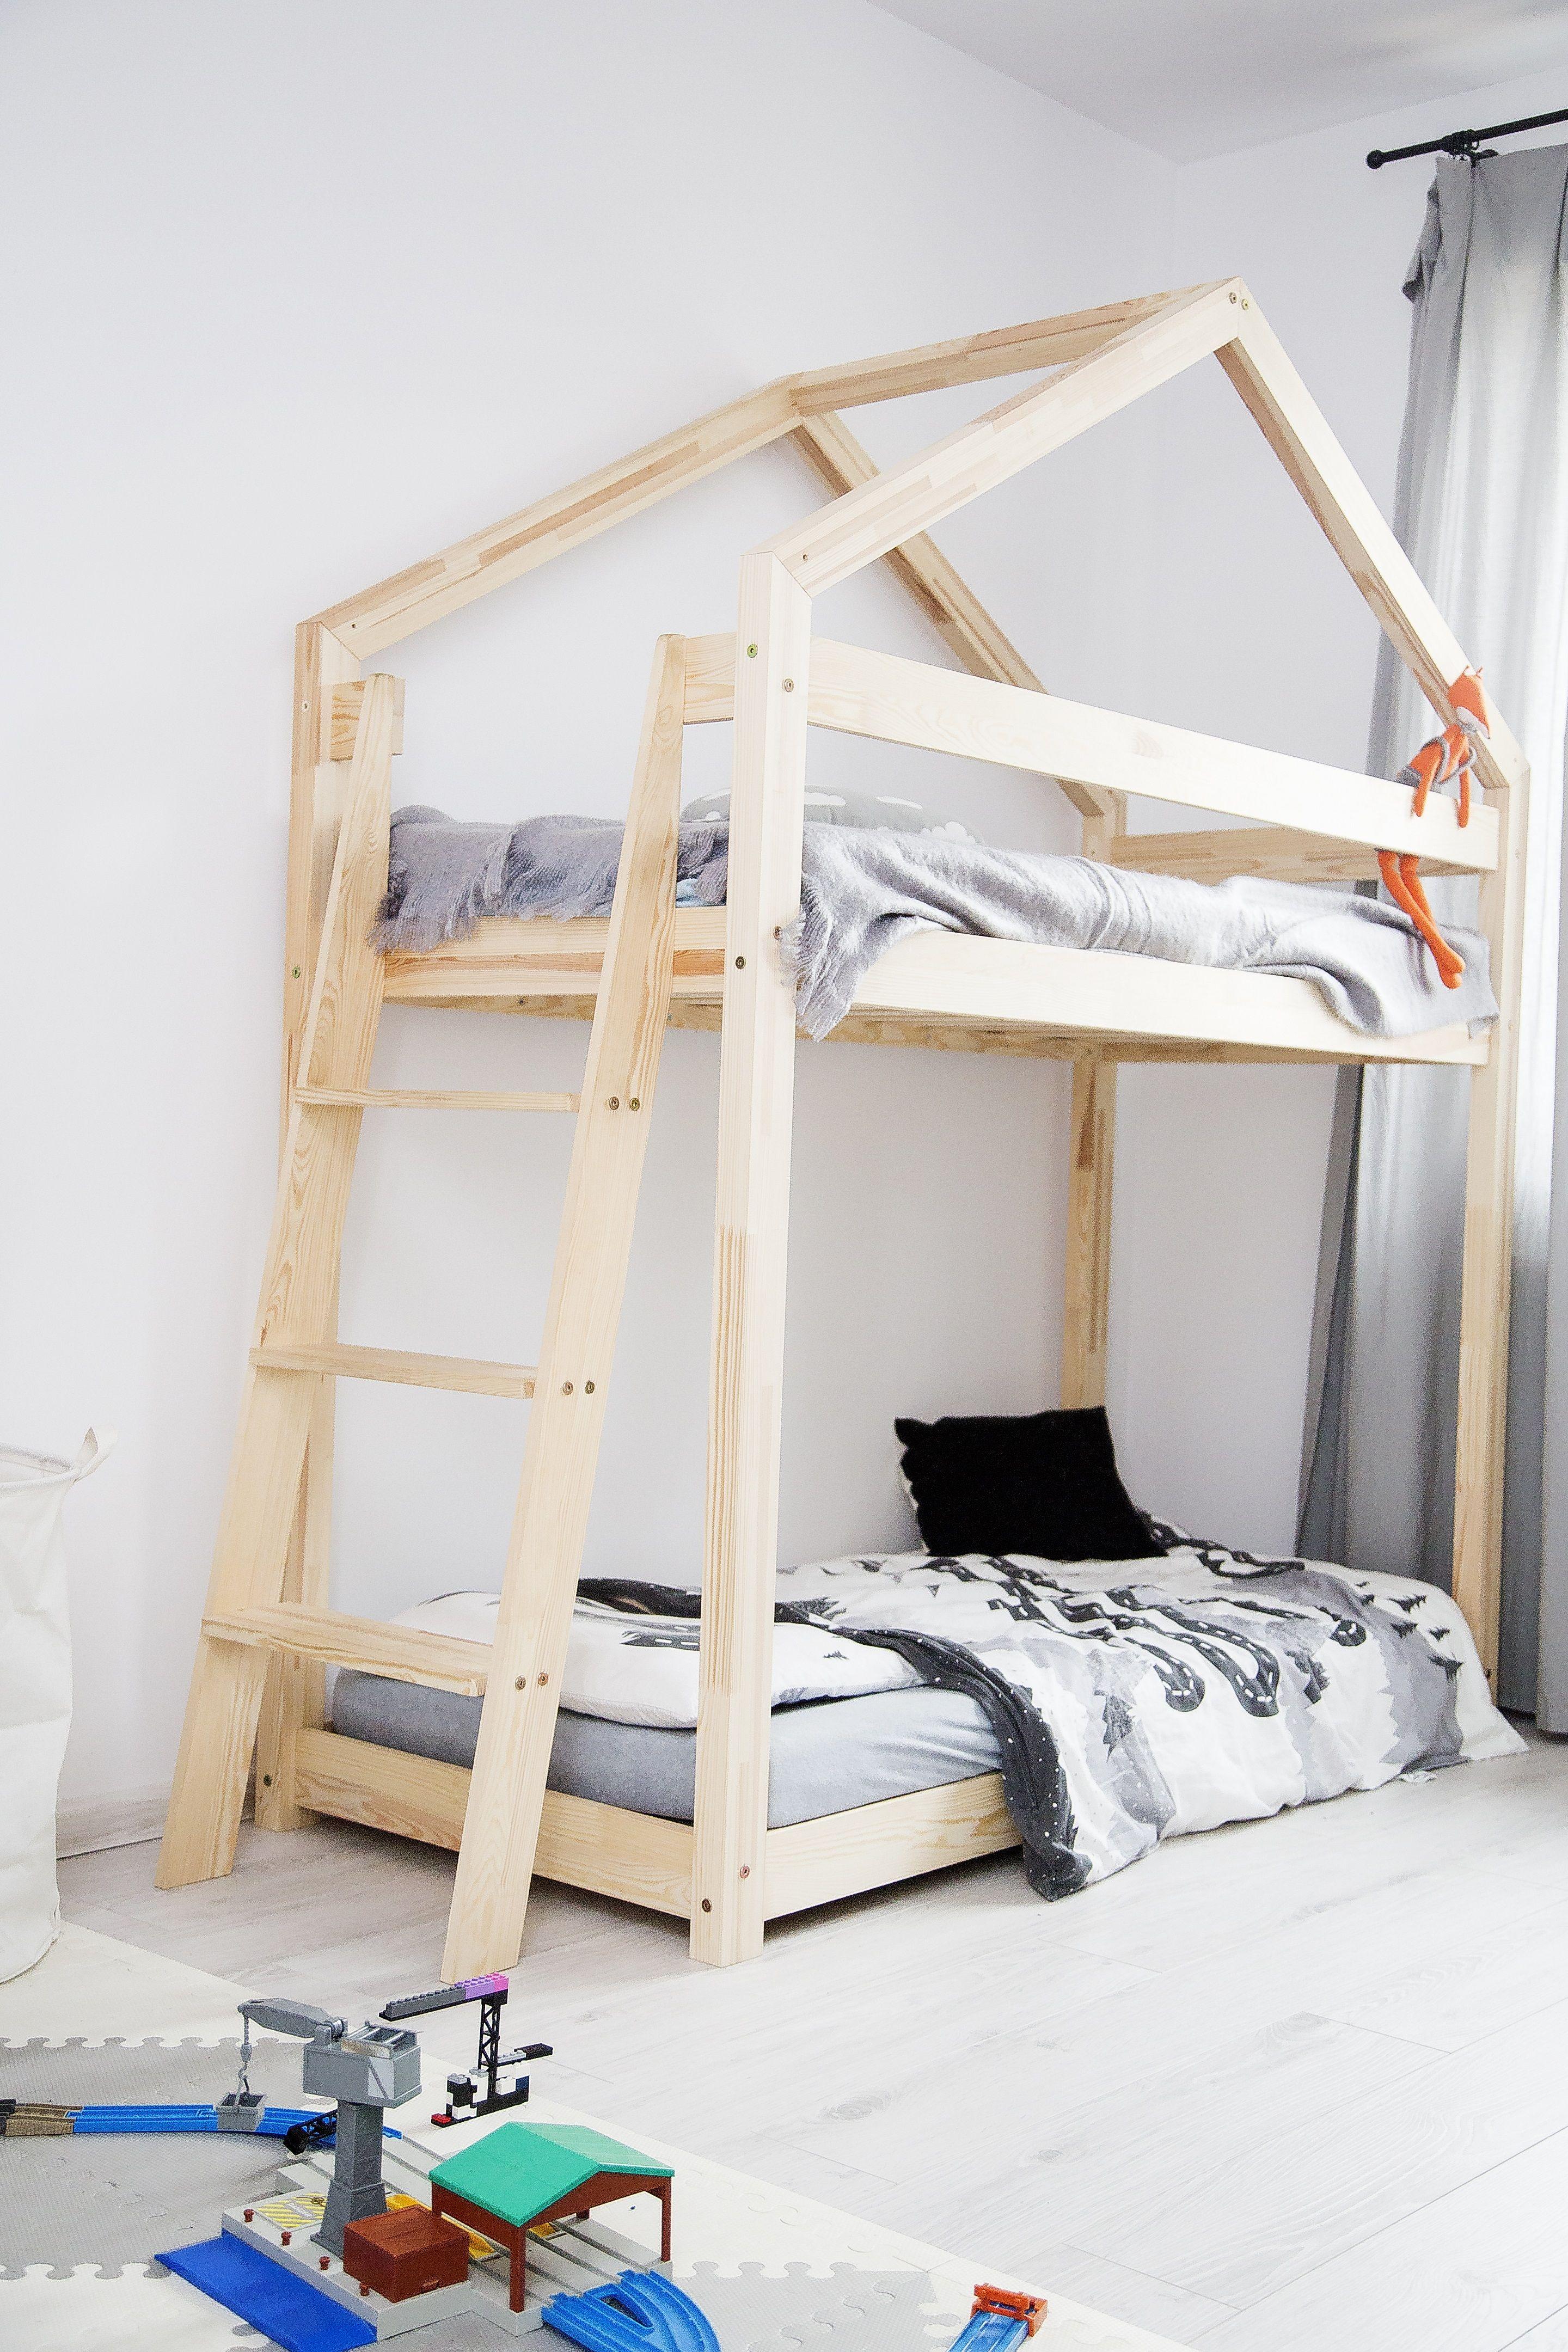 łóżko Piętrowe Domek Dmpb Adeko Stolarnia Różne Wymiary